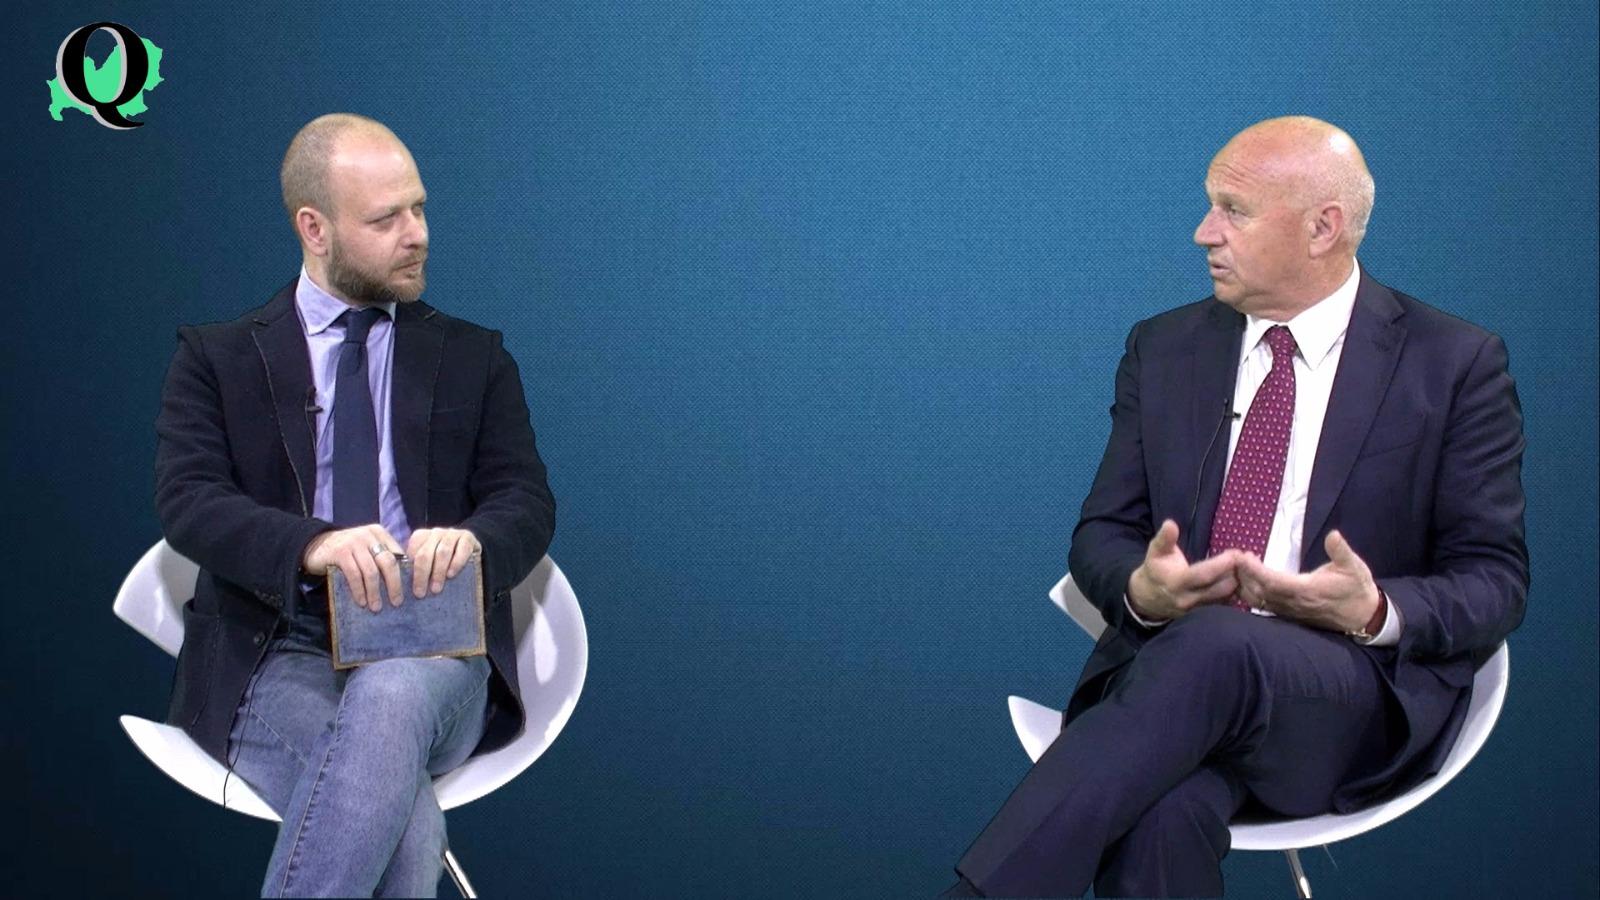 Intervista esclusiva al sindaco Battista, tutte le novità per Campobasso (VIDEO)